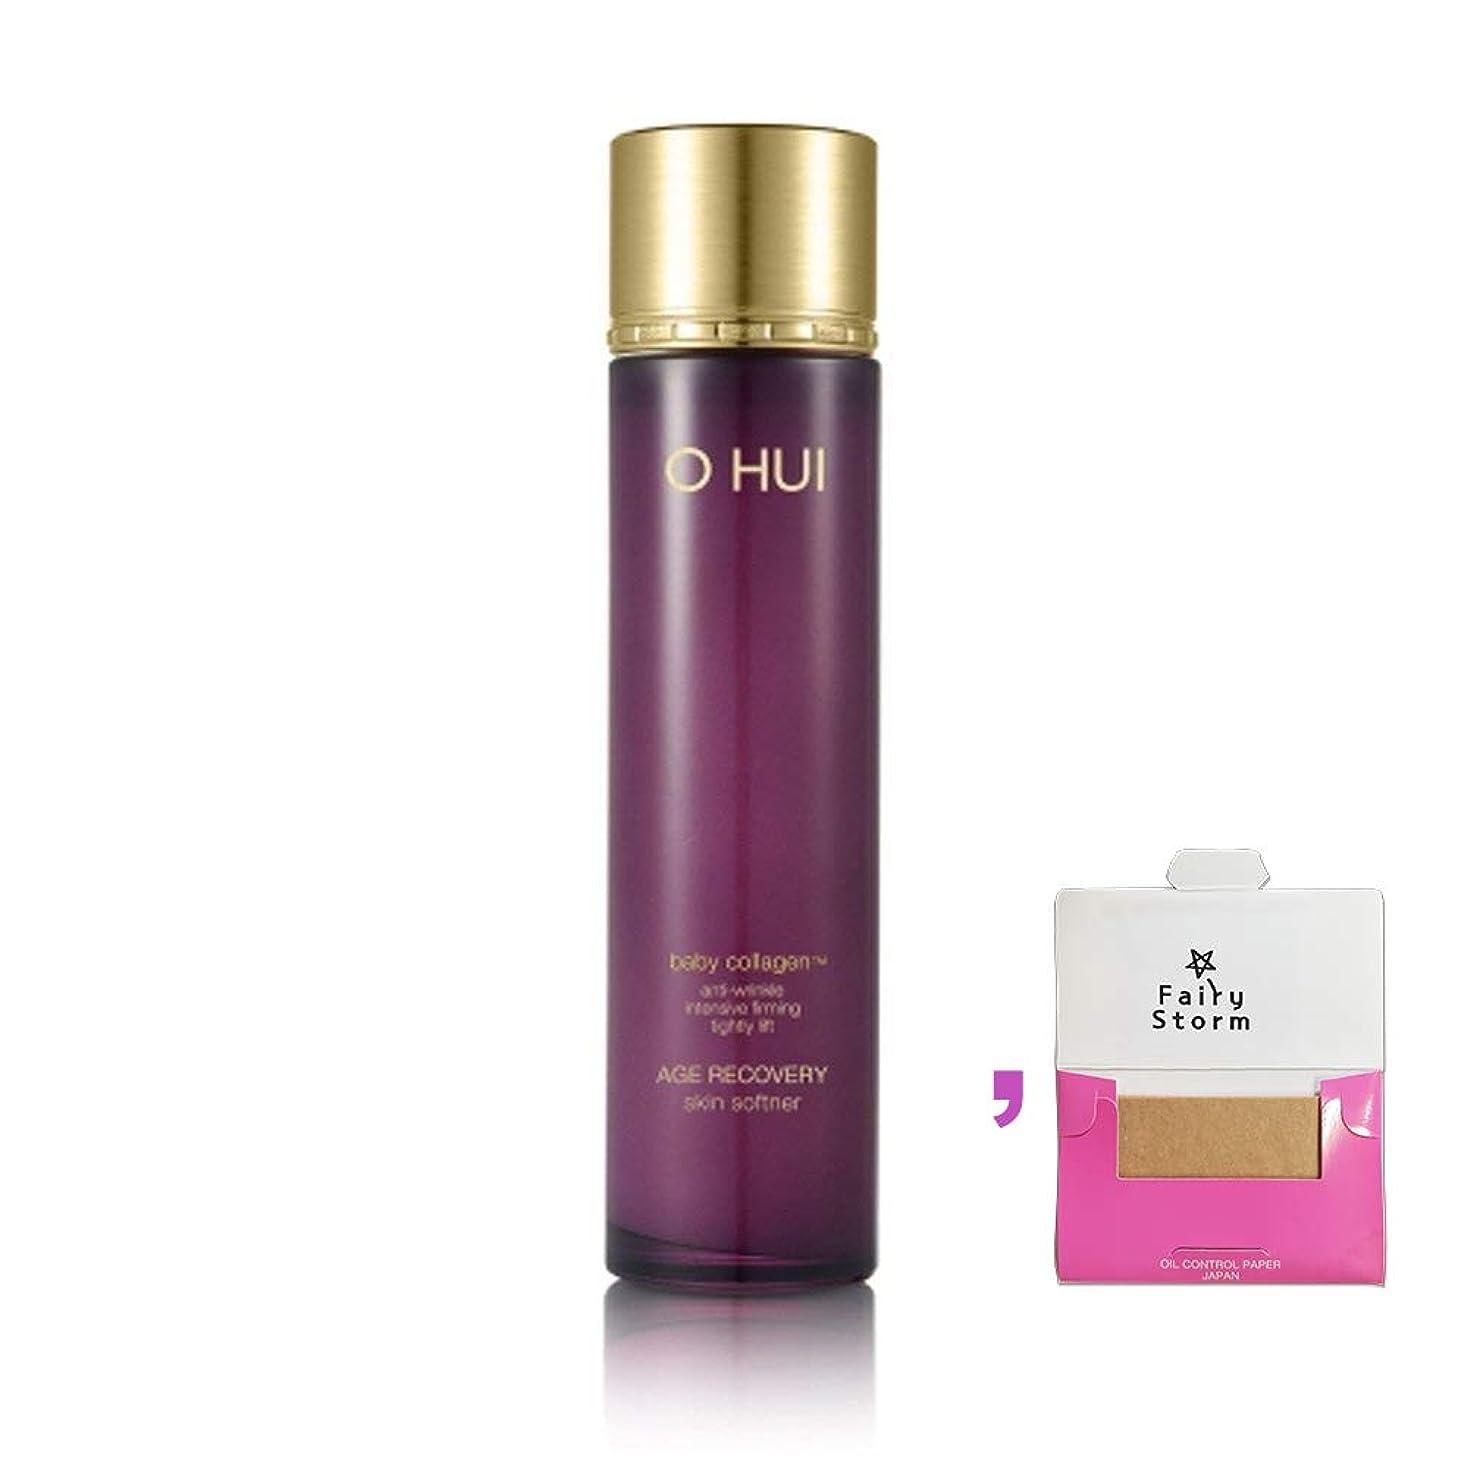 無人高尚な真実に[オフィ/ O HUI]韓国化粧品 LG生活健康/オフィ エイジ リカバリー スキン/O HUI AGE RECOVERY SKIN 150ml+ [Sample Gift](海外直送品)